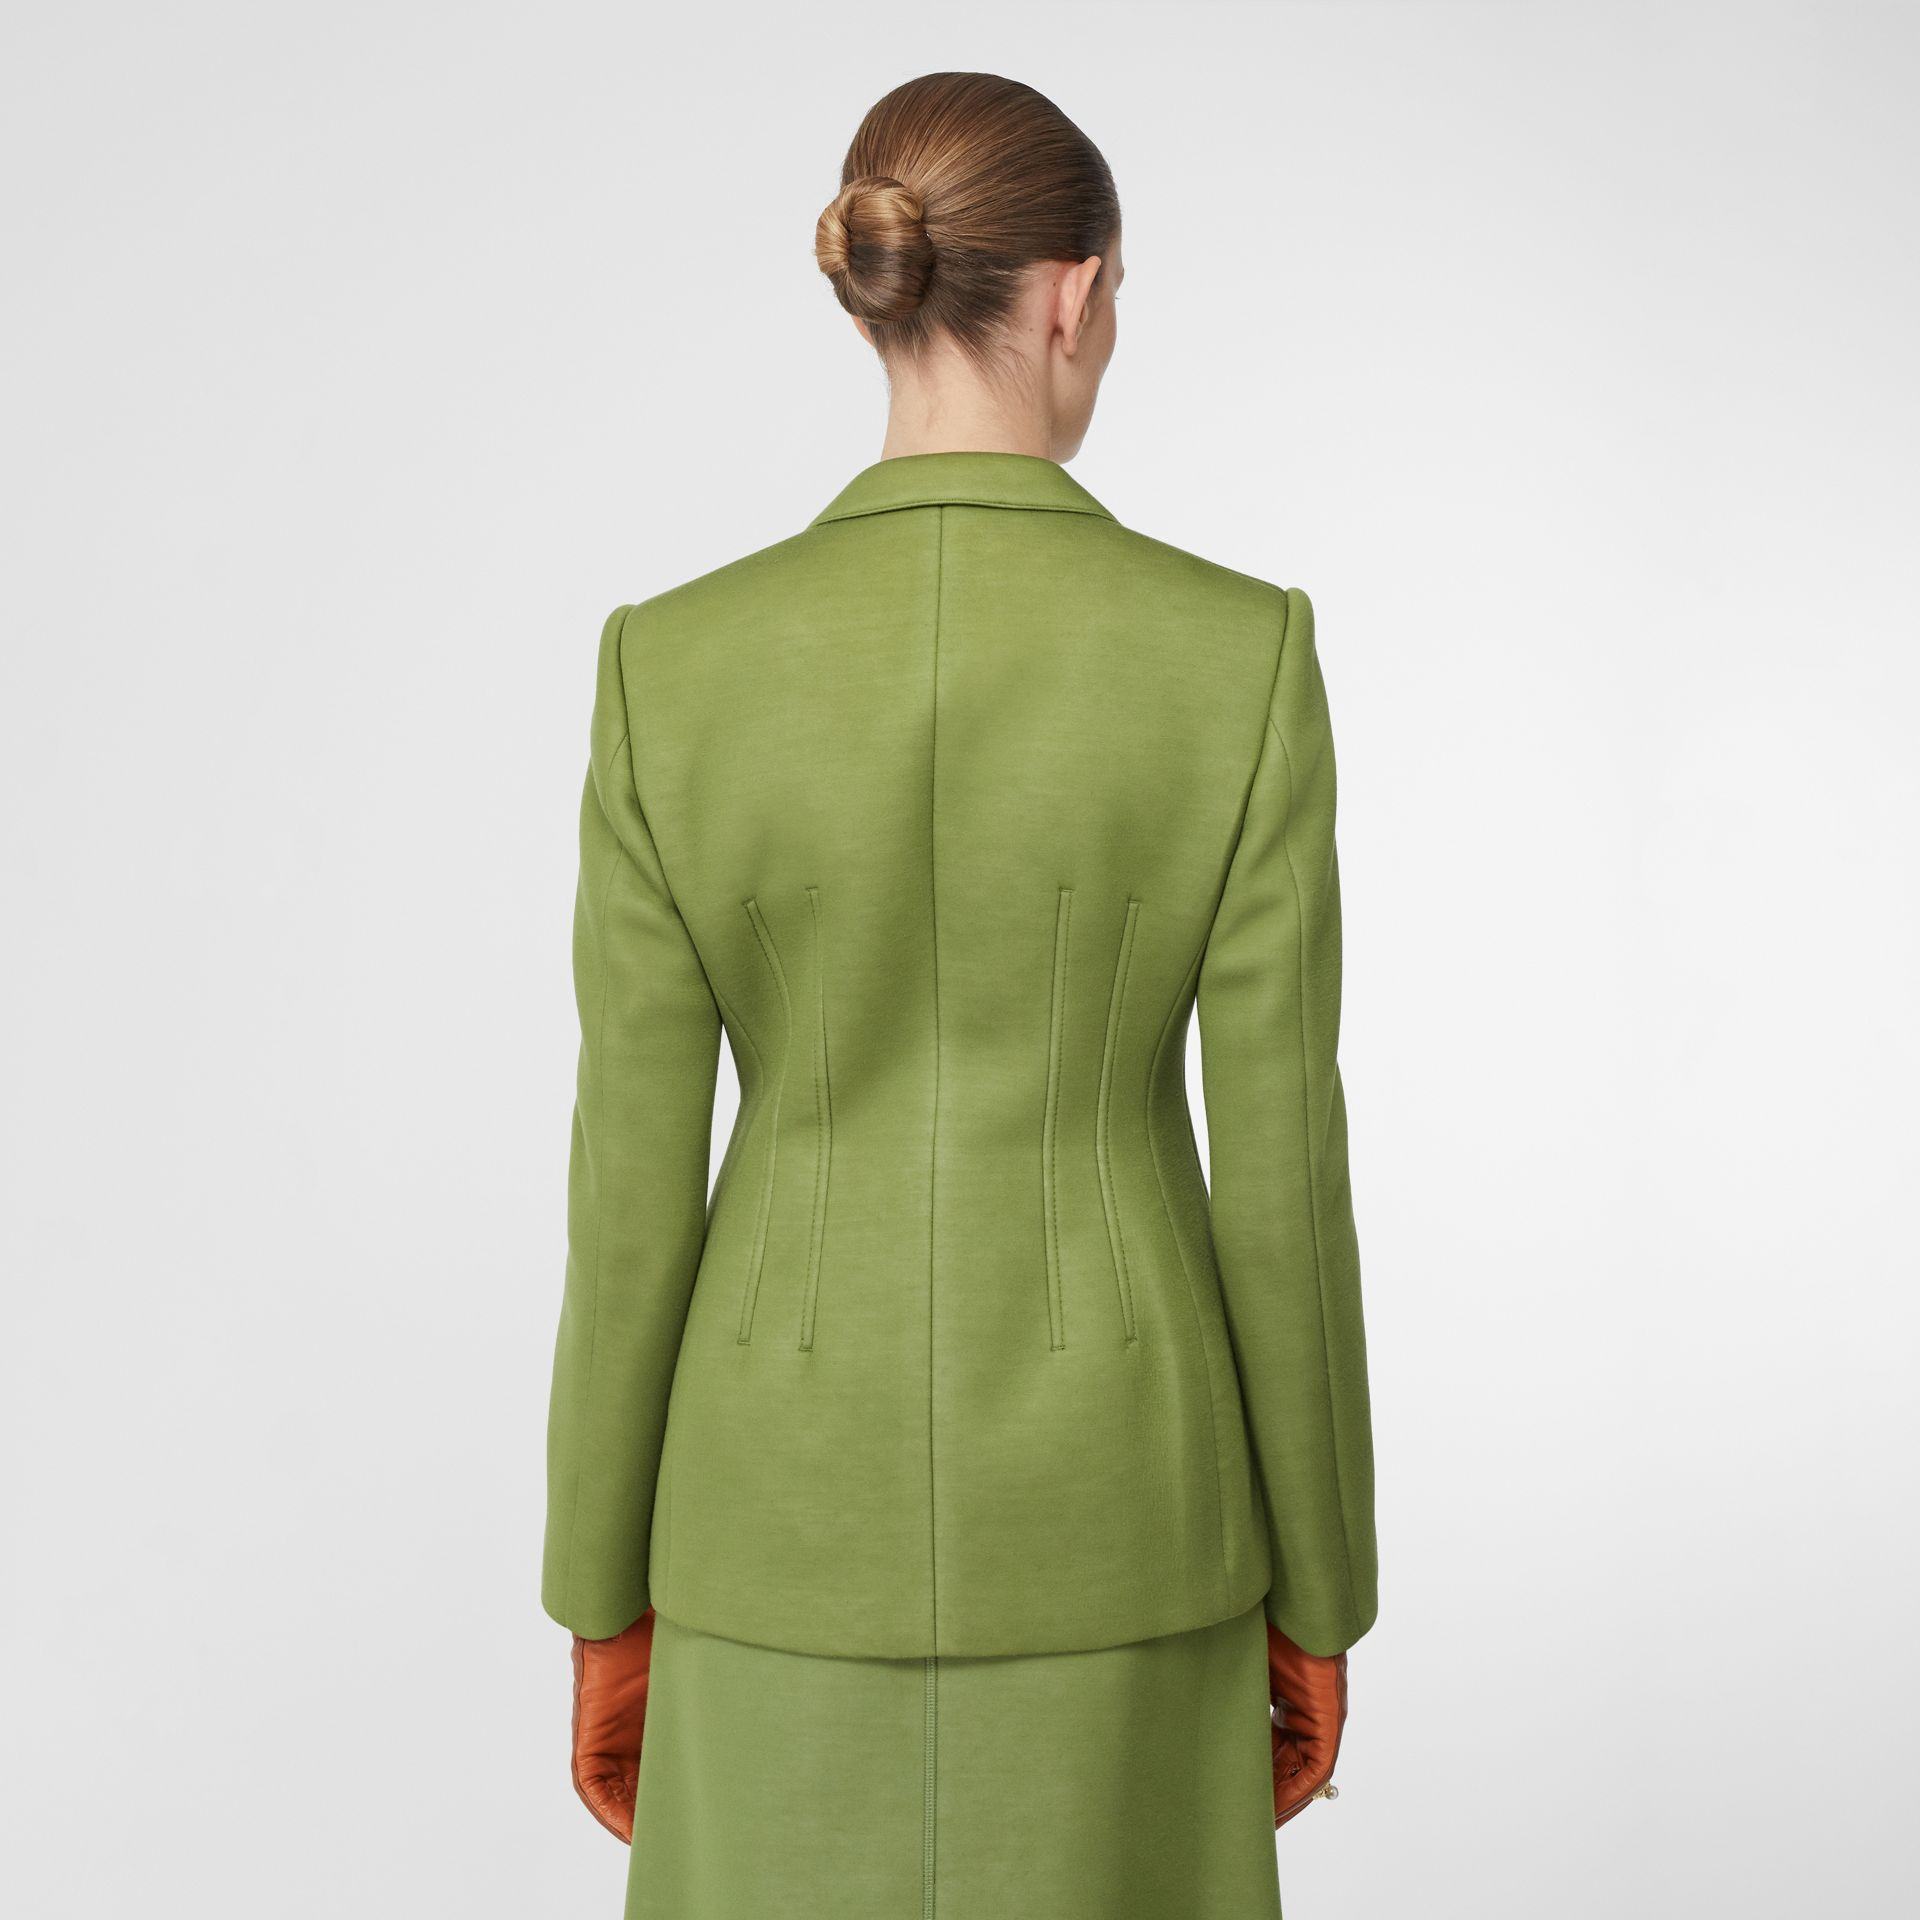 雙面氯丁橡膠套量裁製外套 (雪松綠) - 女款 | Burberry - 圖庫照片 2